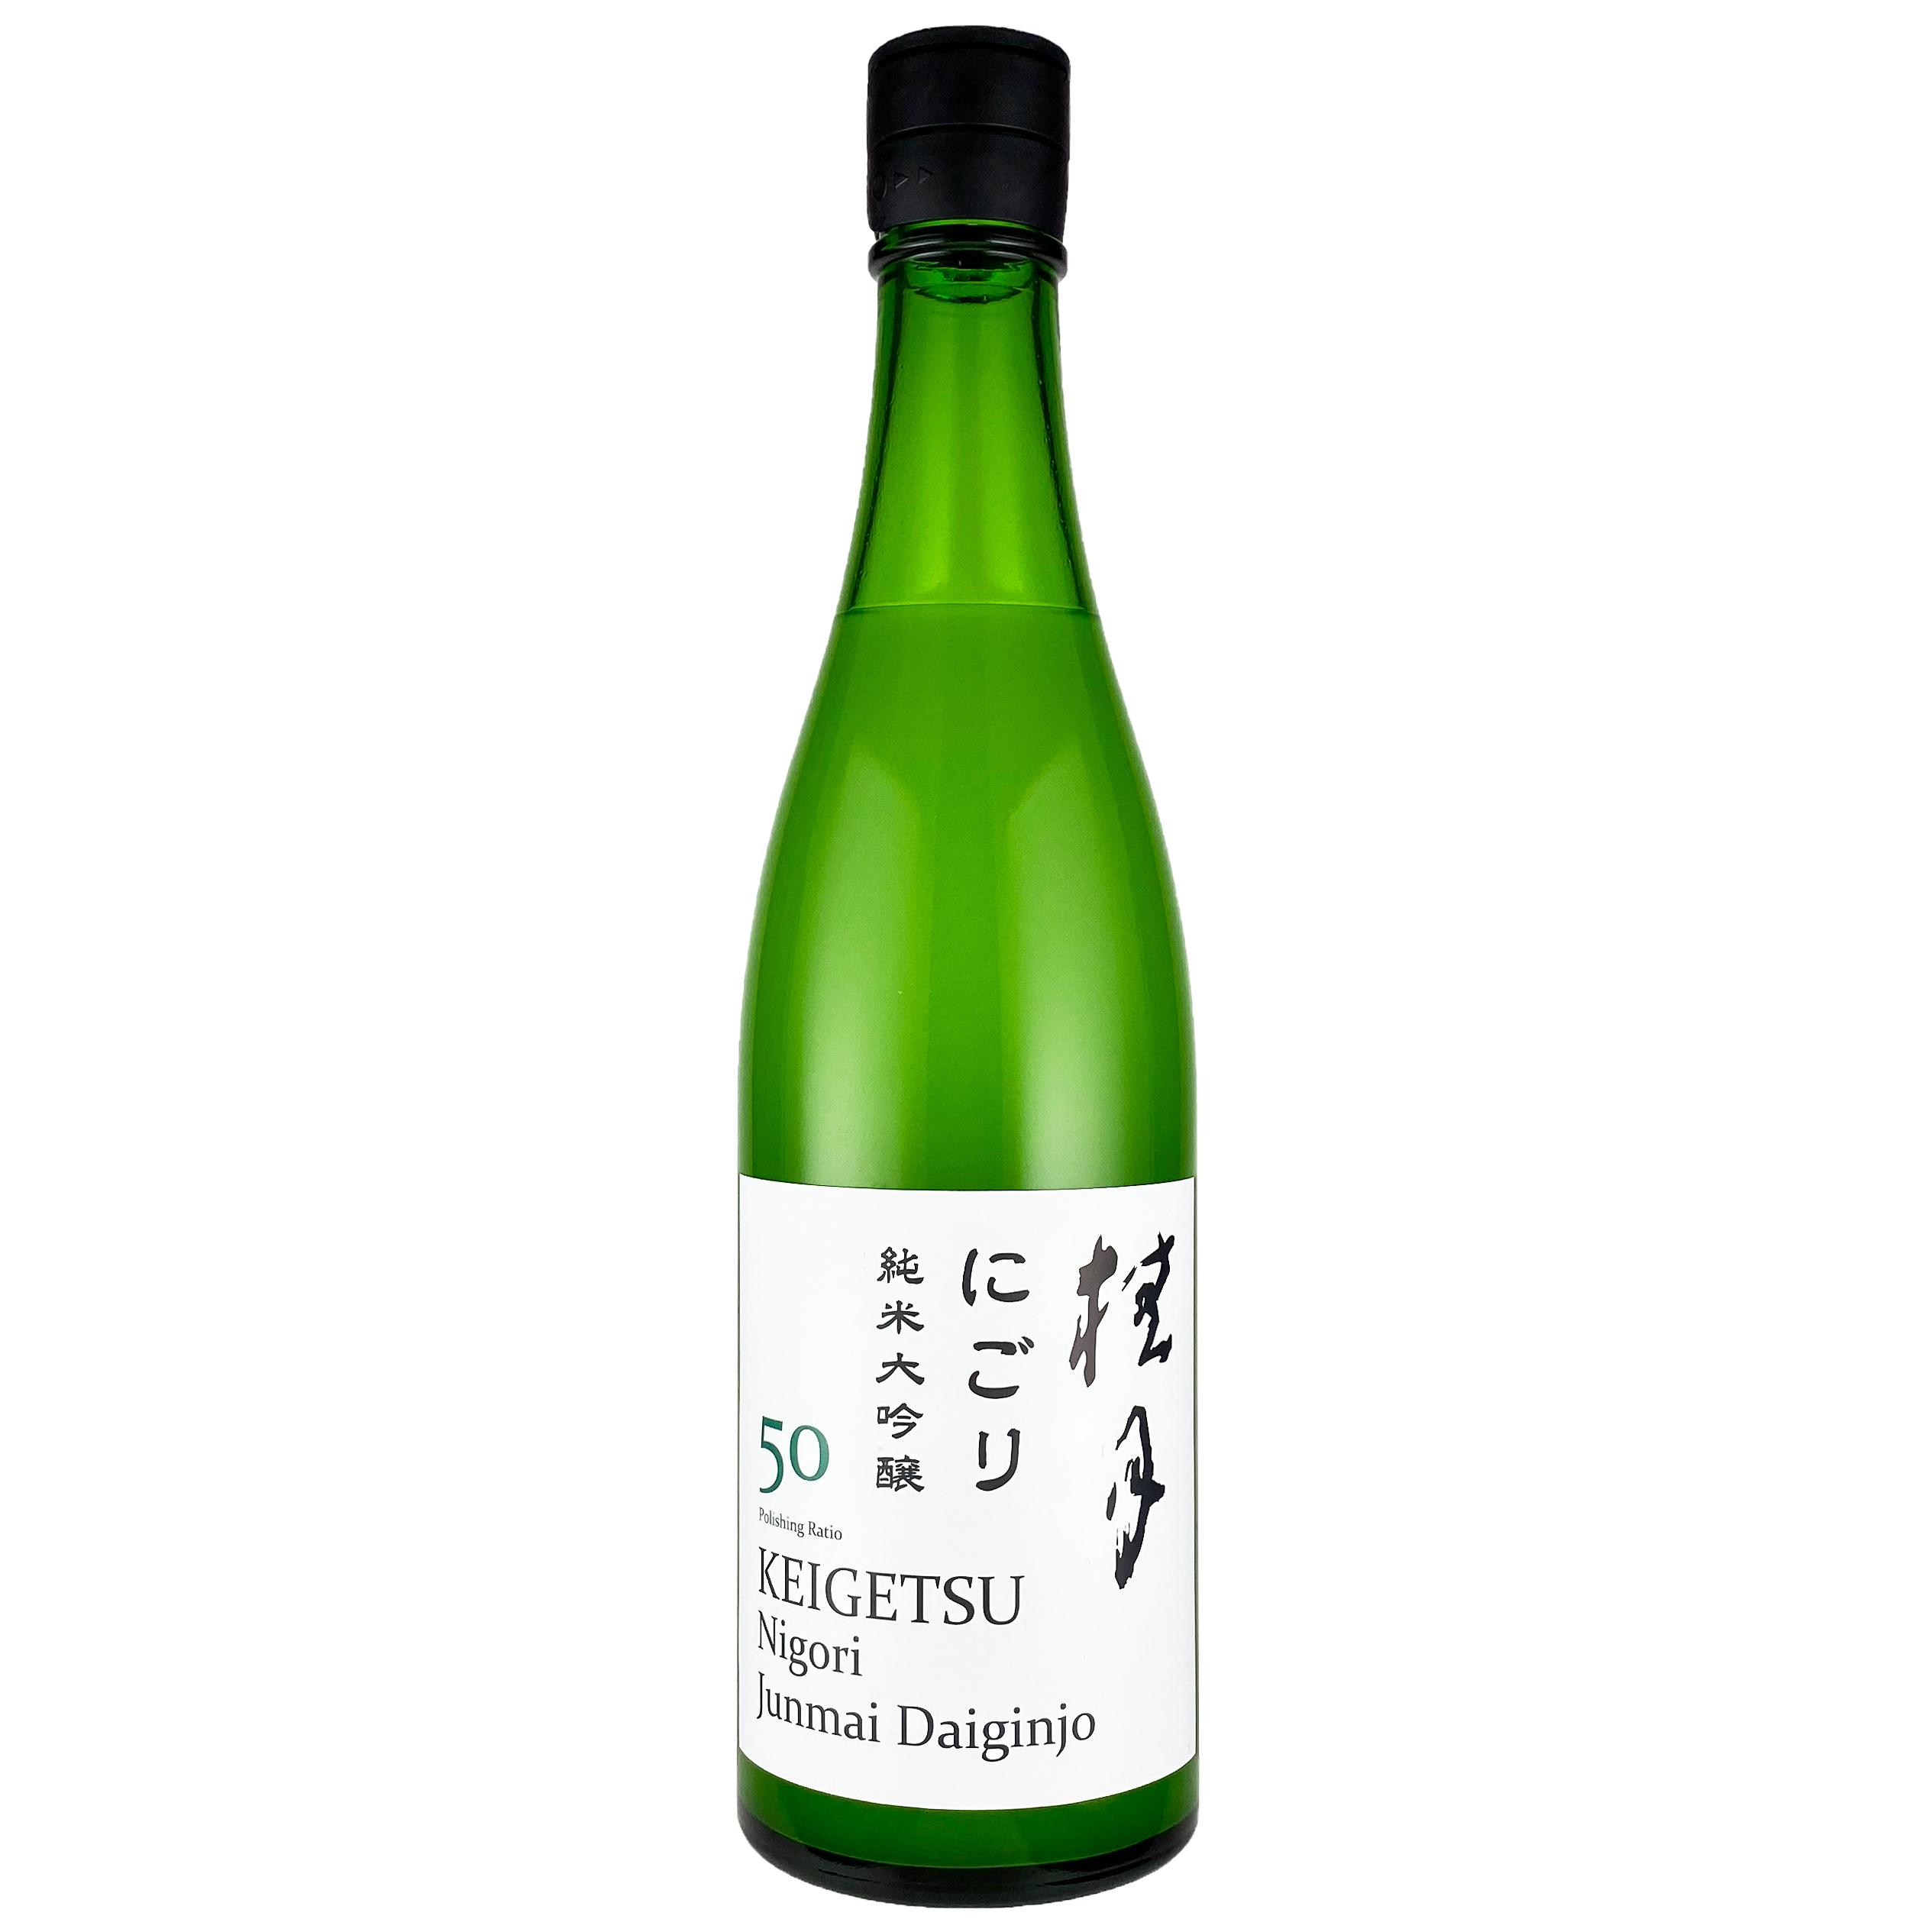 土佐酒造、おうちひな祭りを彩る祝い酒「桂月 にごり 純米大吟醸50」を販売開始